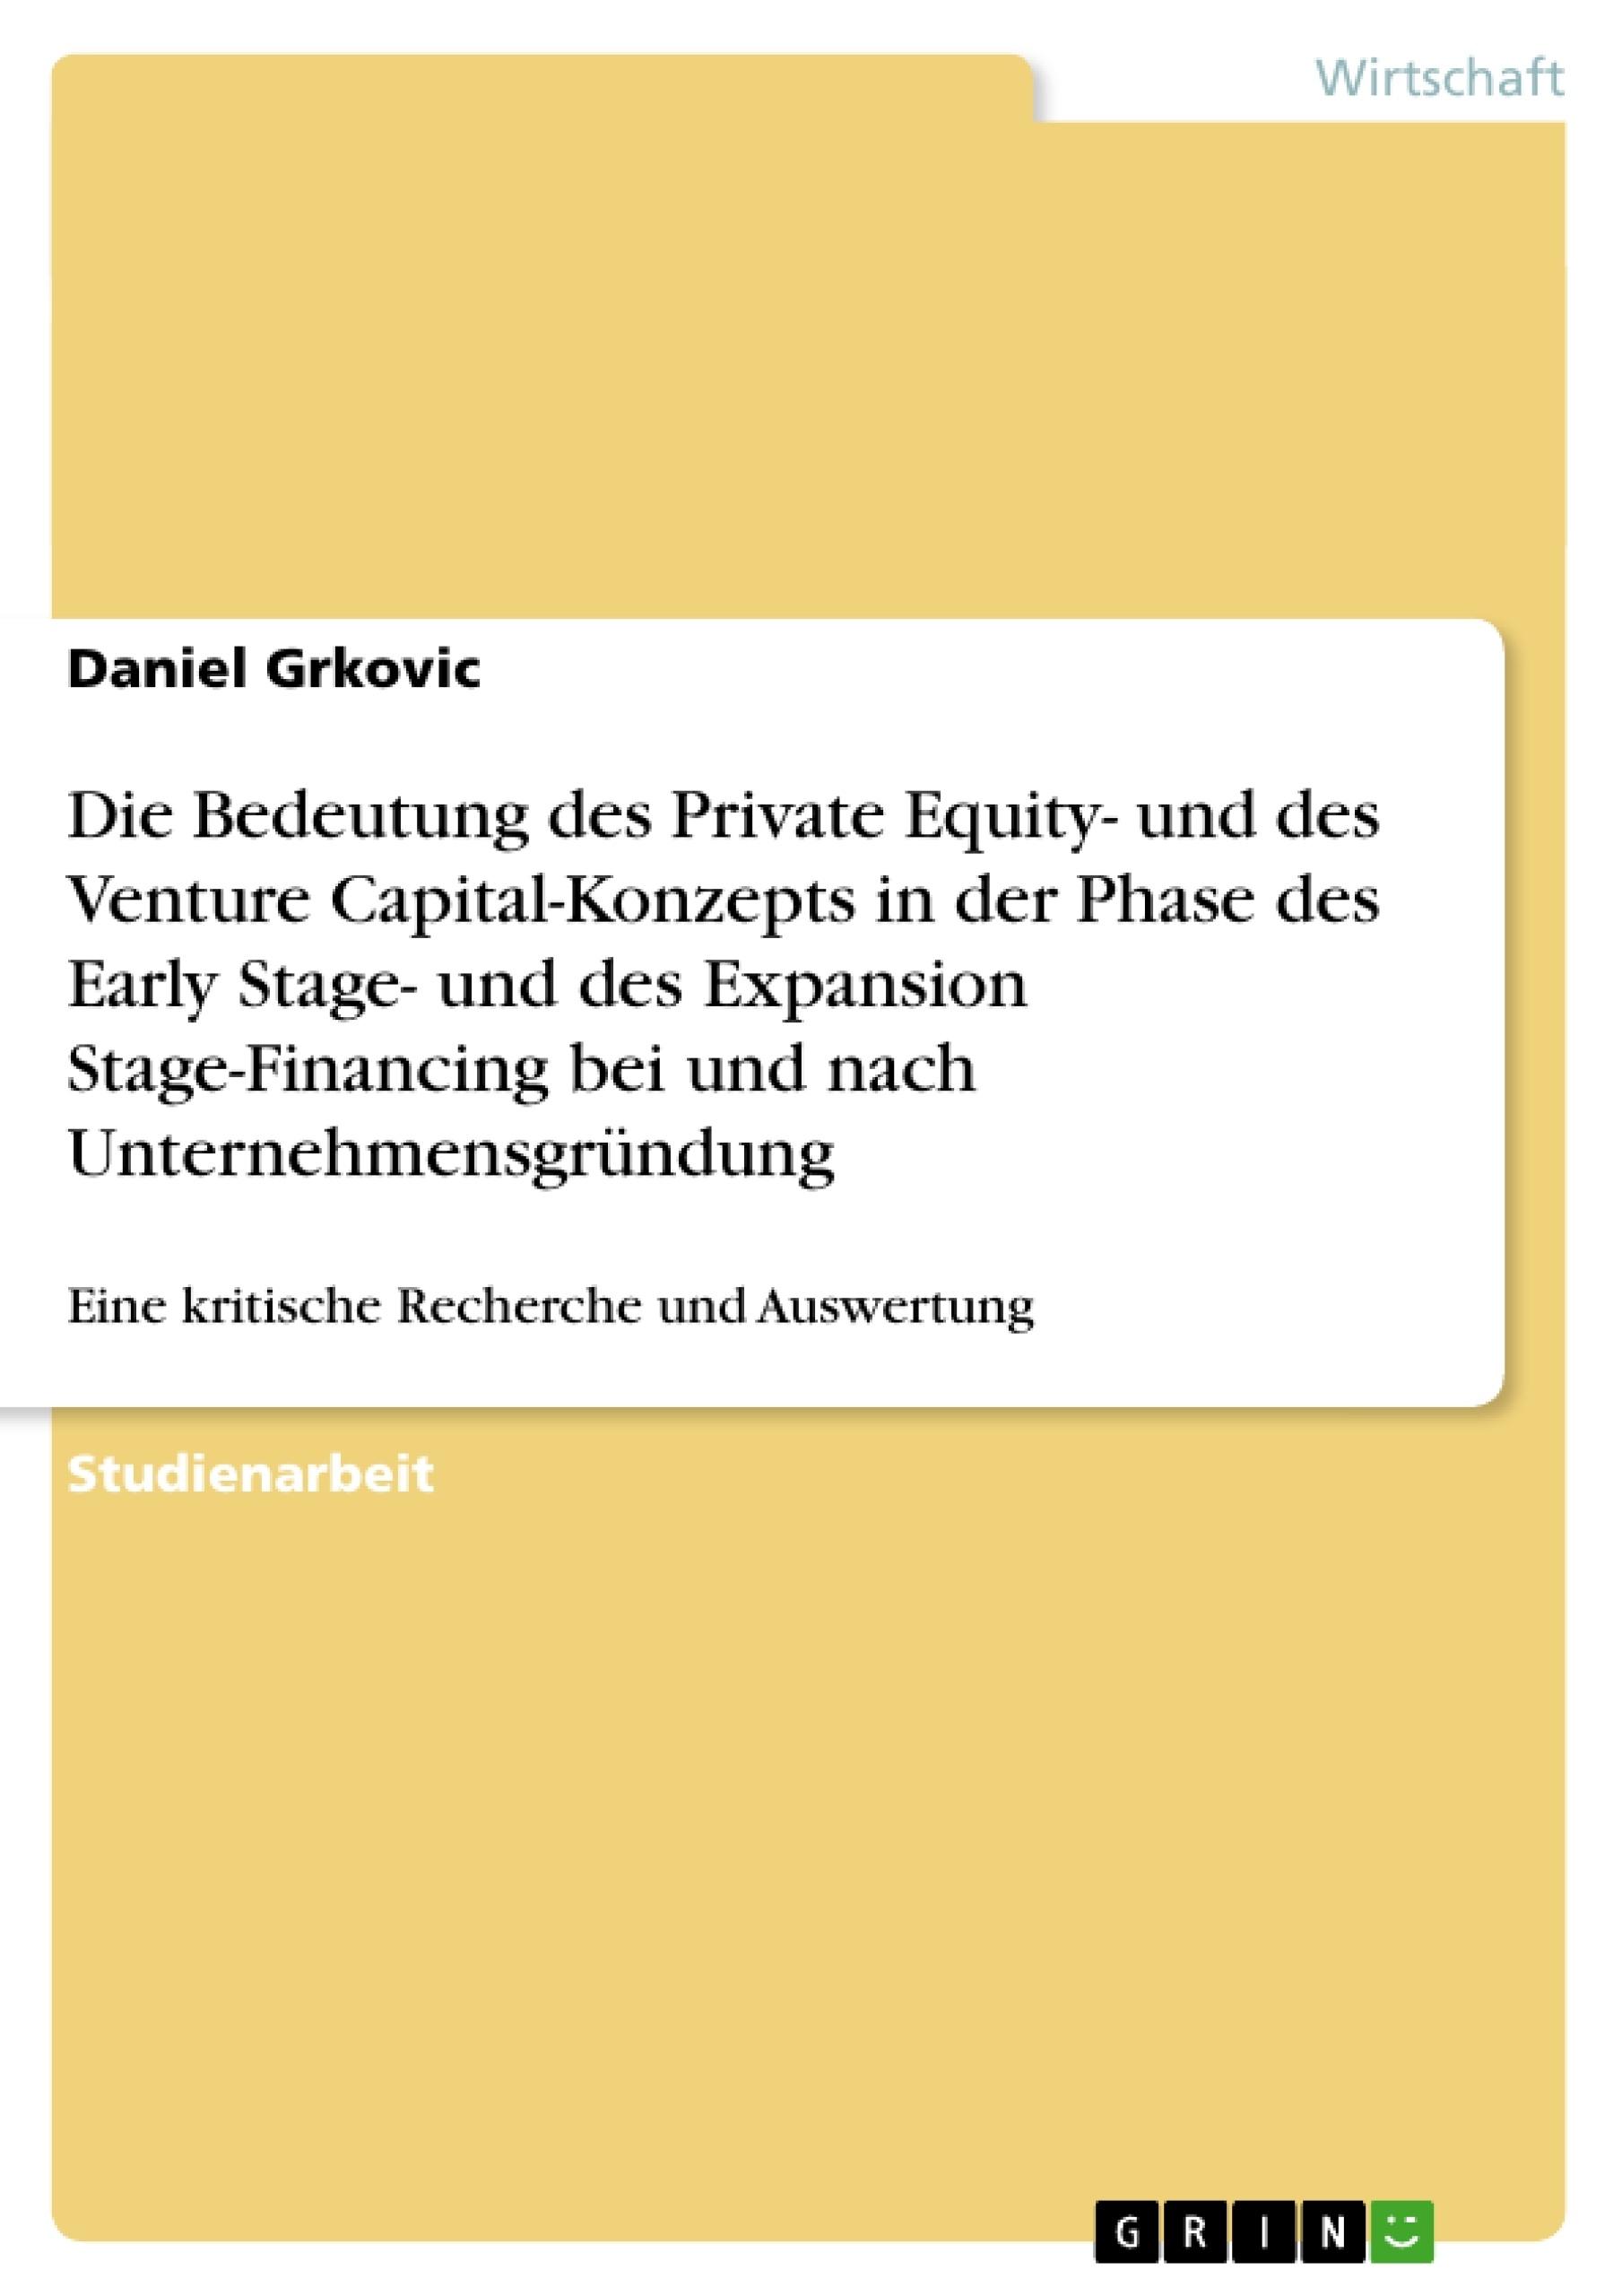 Titel: Die Bedeutung des Private Equity- und des Venture Capital-Konzepts in der Phase des Early Stage- und des Expansion Stage-Financing bei und nach Unternehmensgründung